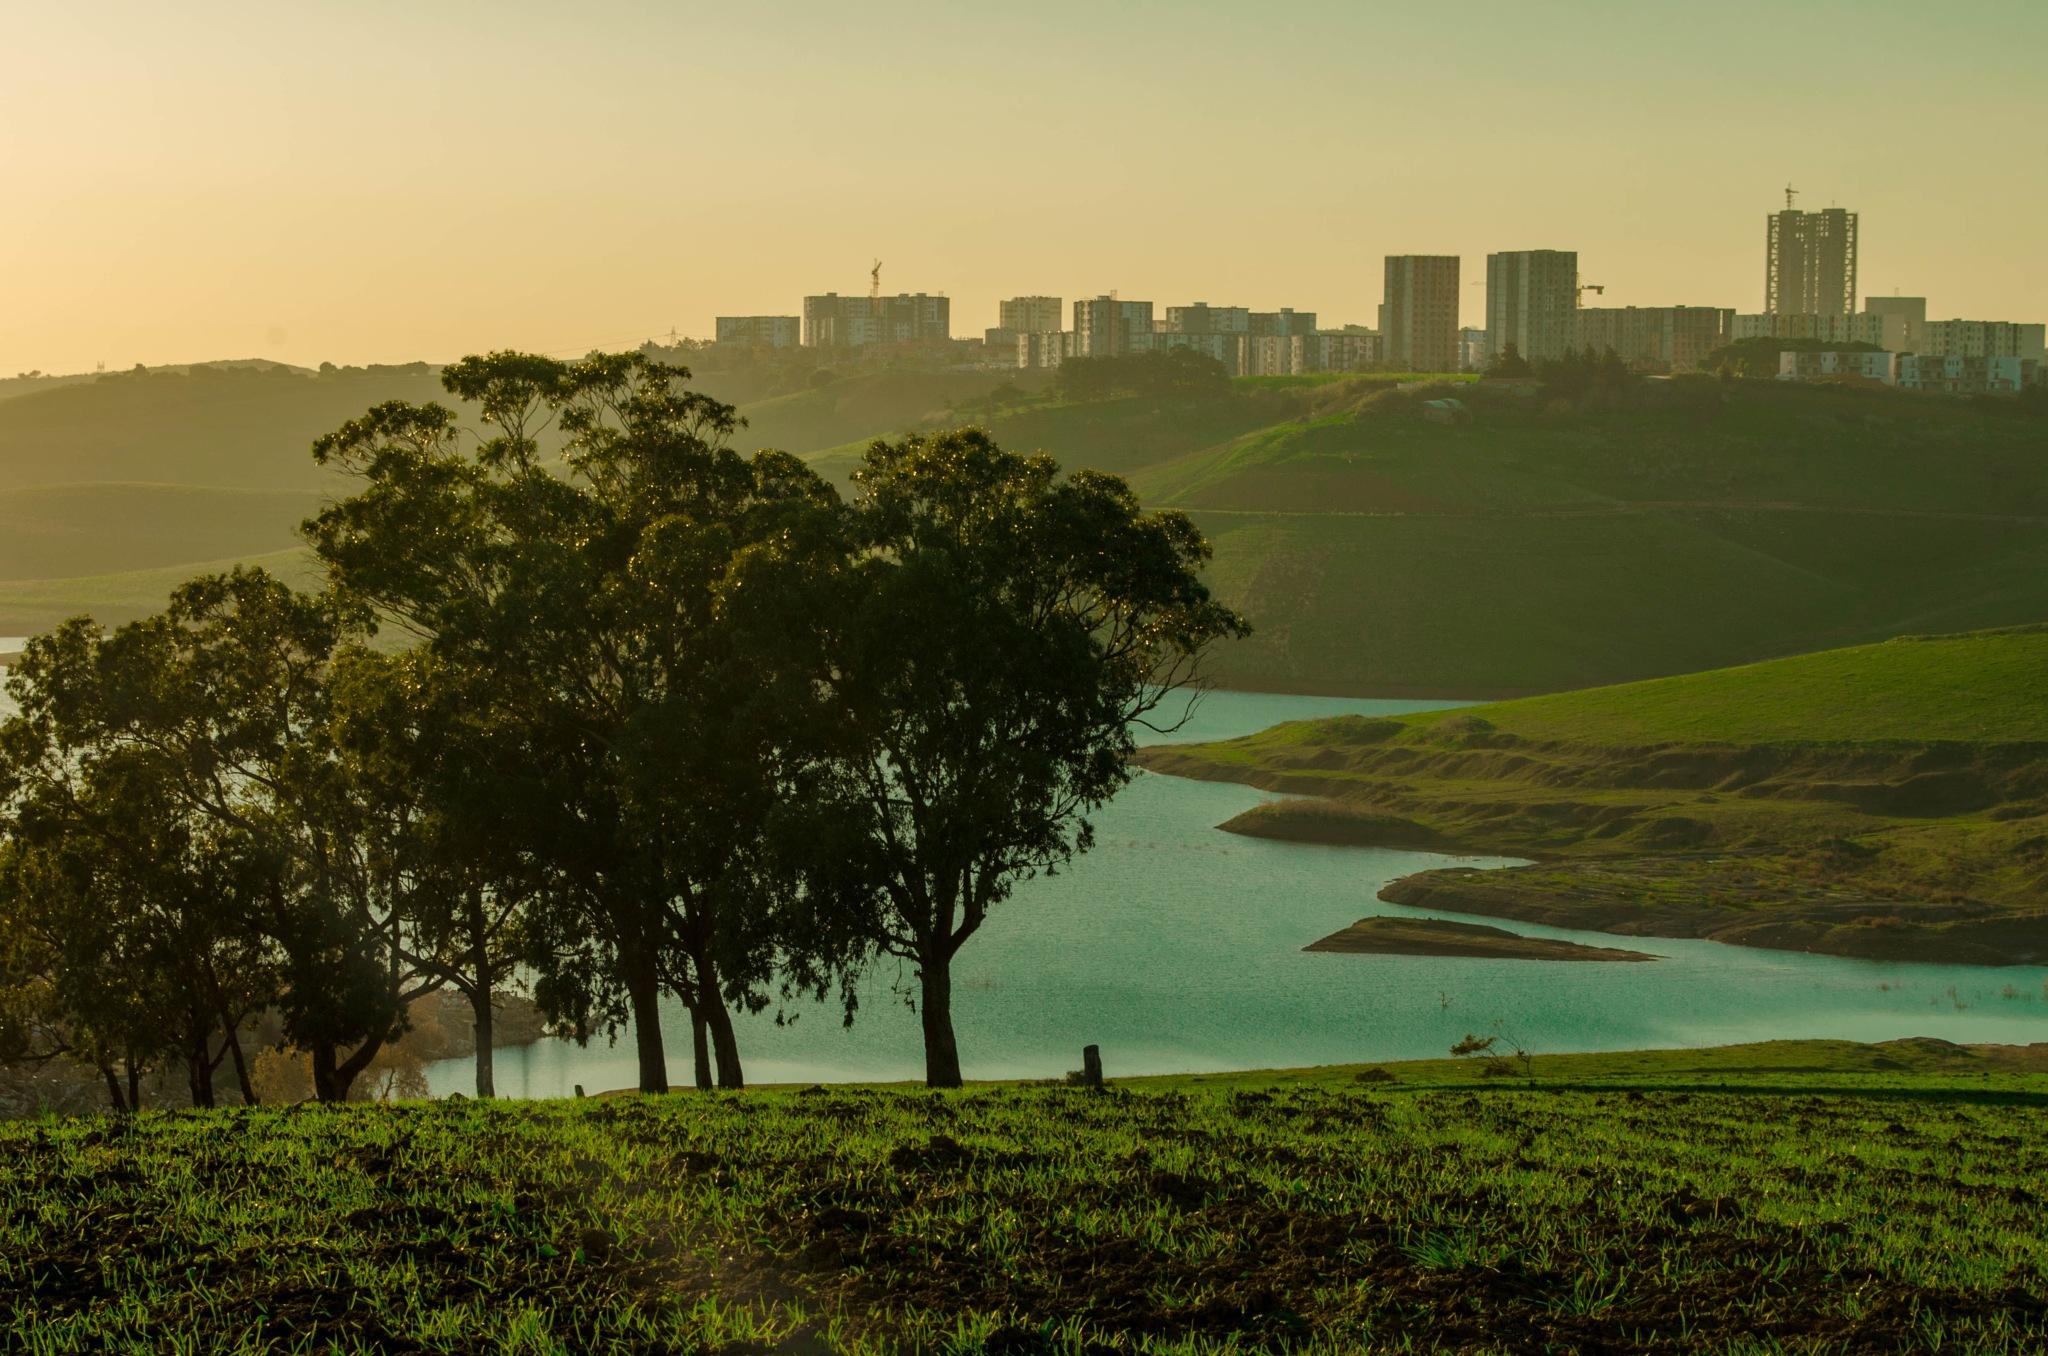 my favorite spot on earth. by Aïmen Mazouz